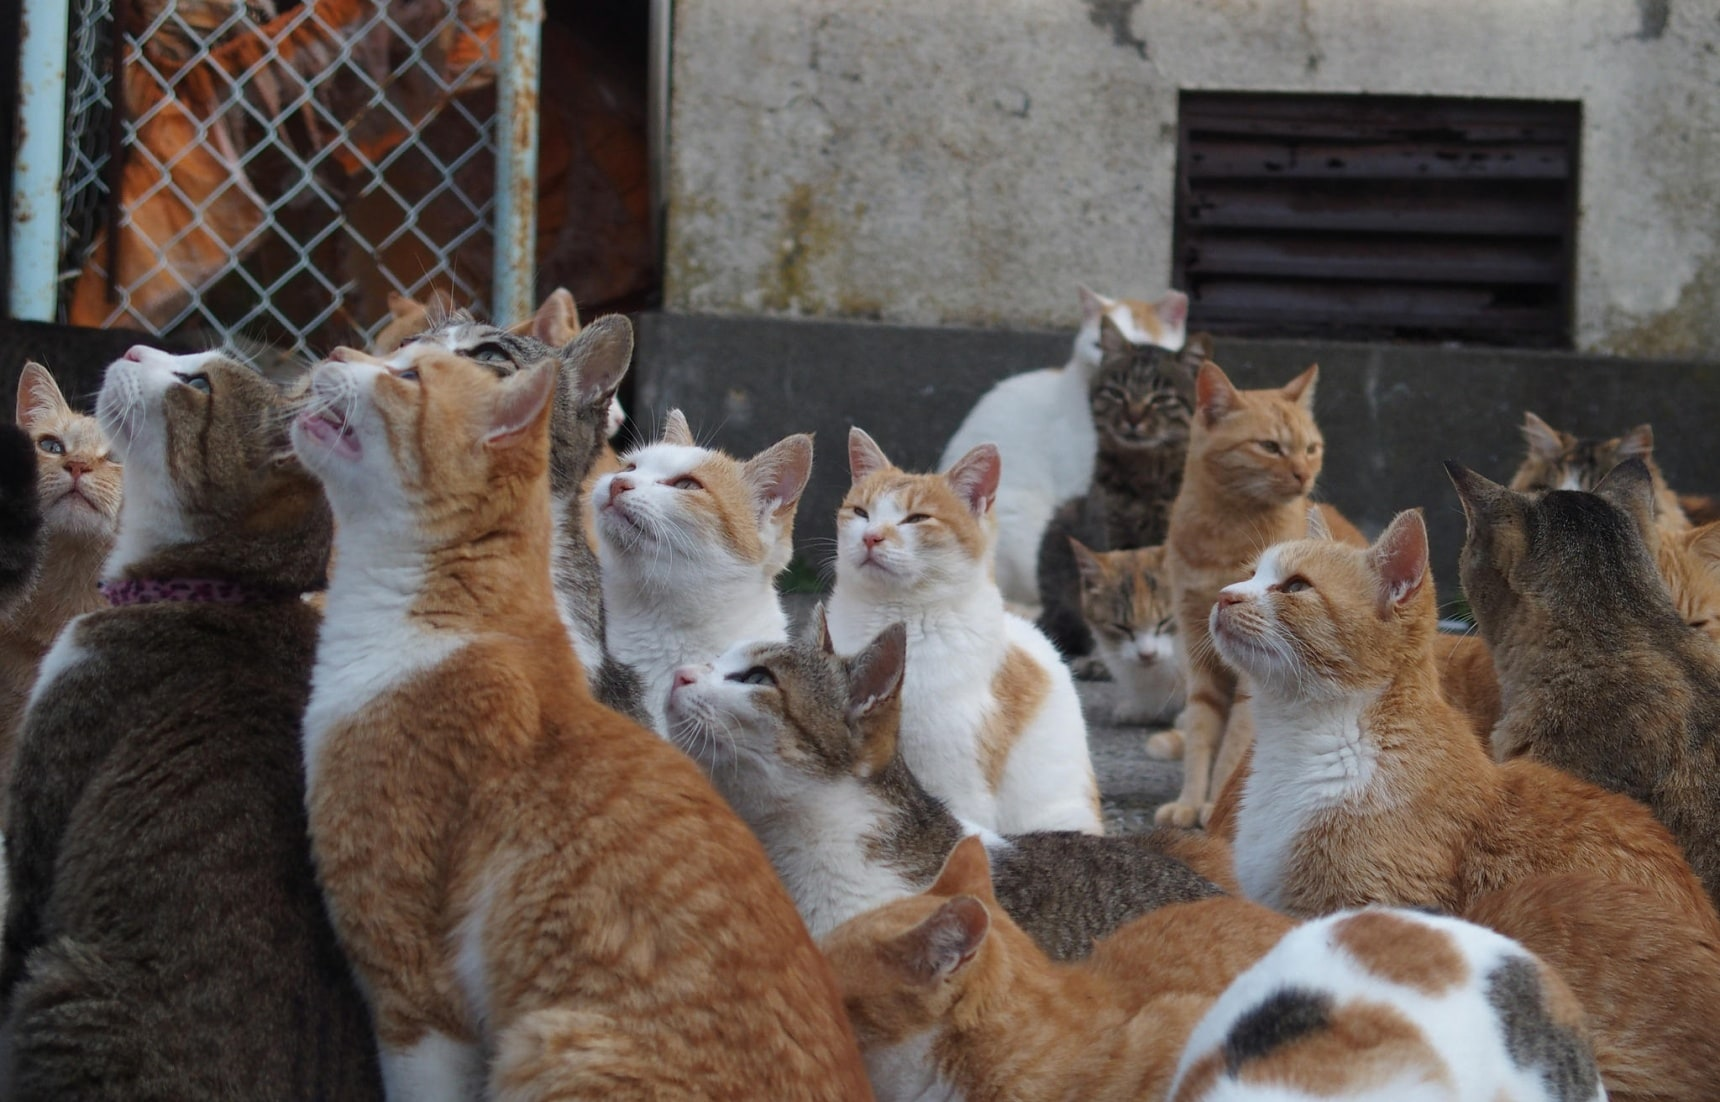 6สถานที่เล่นกับสัตว์โลกน่ารักทั่วญี่ปุ่น